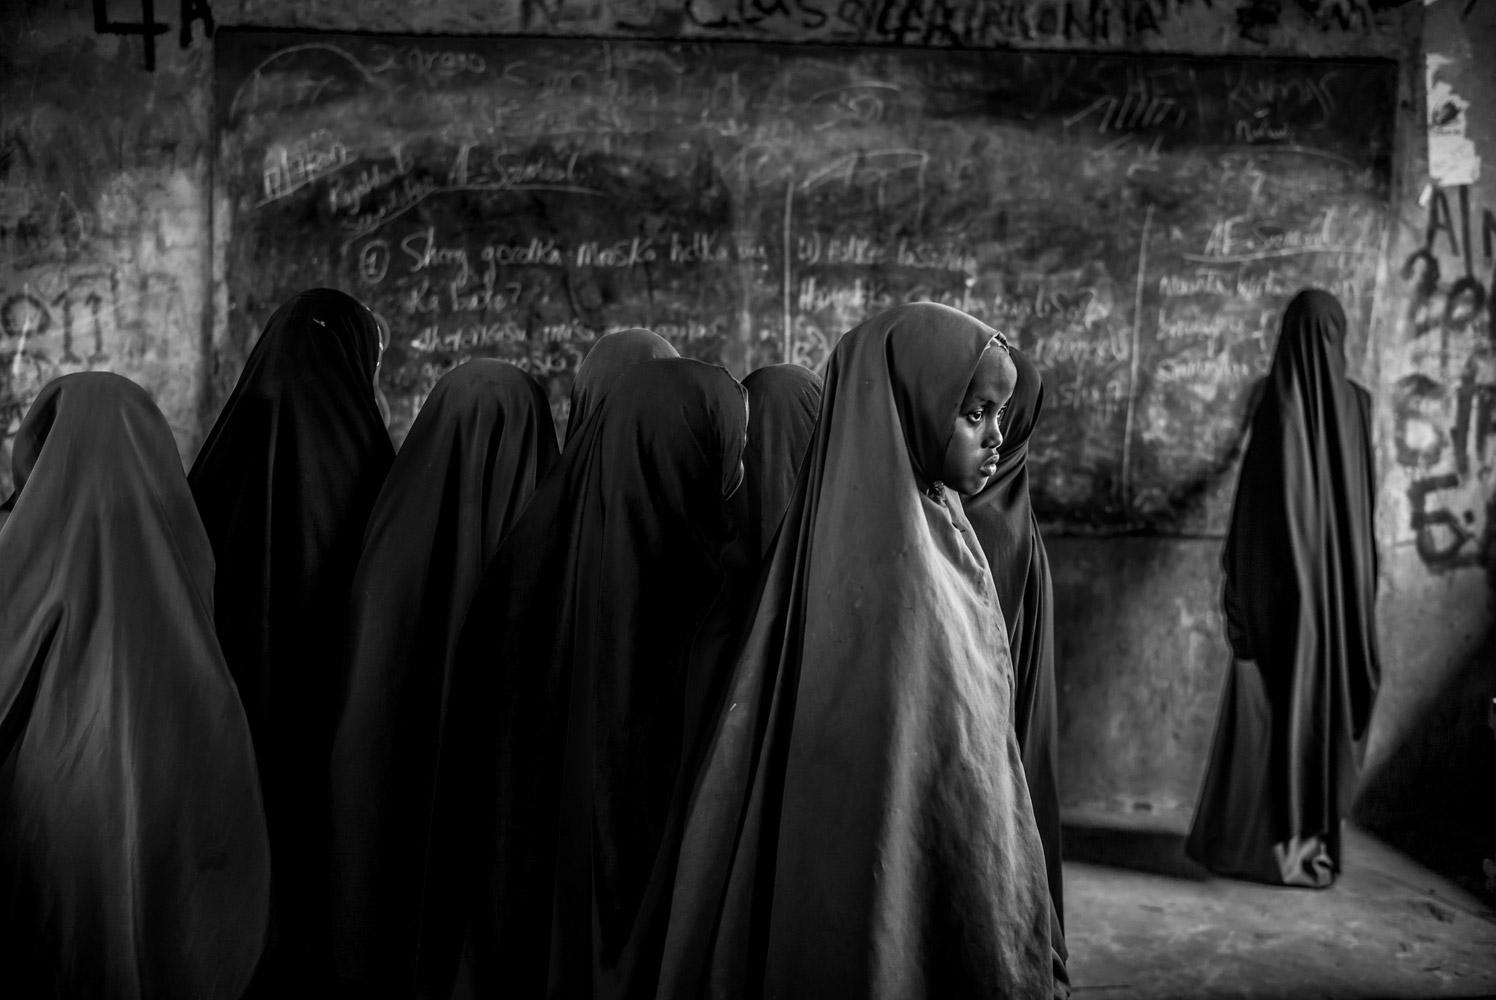 Утрата внимание: мышление в будущее, лагерь беженцев Дадааб в Кении, © Эдуардо Лопес Морено, Найроби, Кения, Первое место в категории «Любитель: Персональная работа», Конкурс портретной фотографии «Лица»